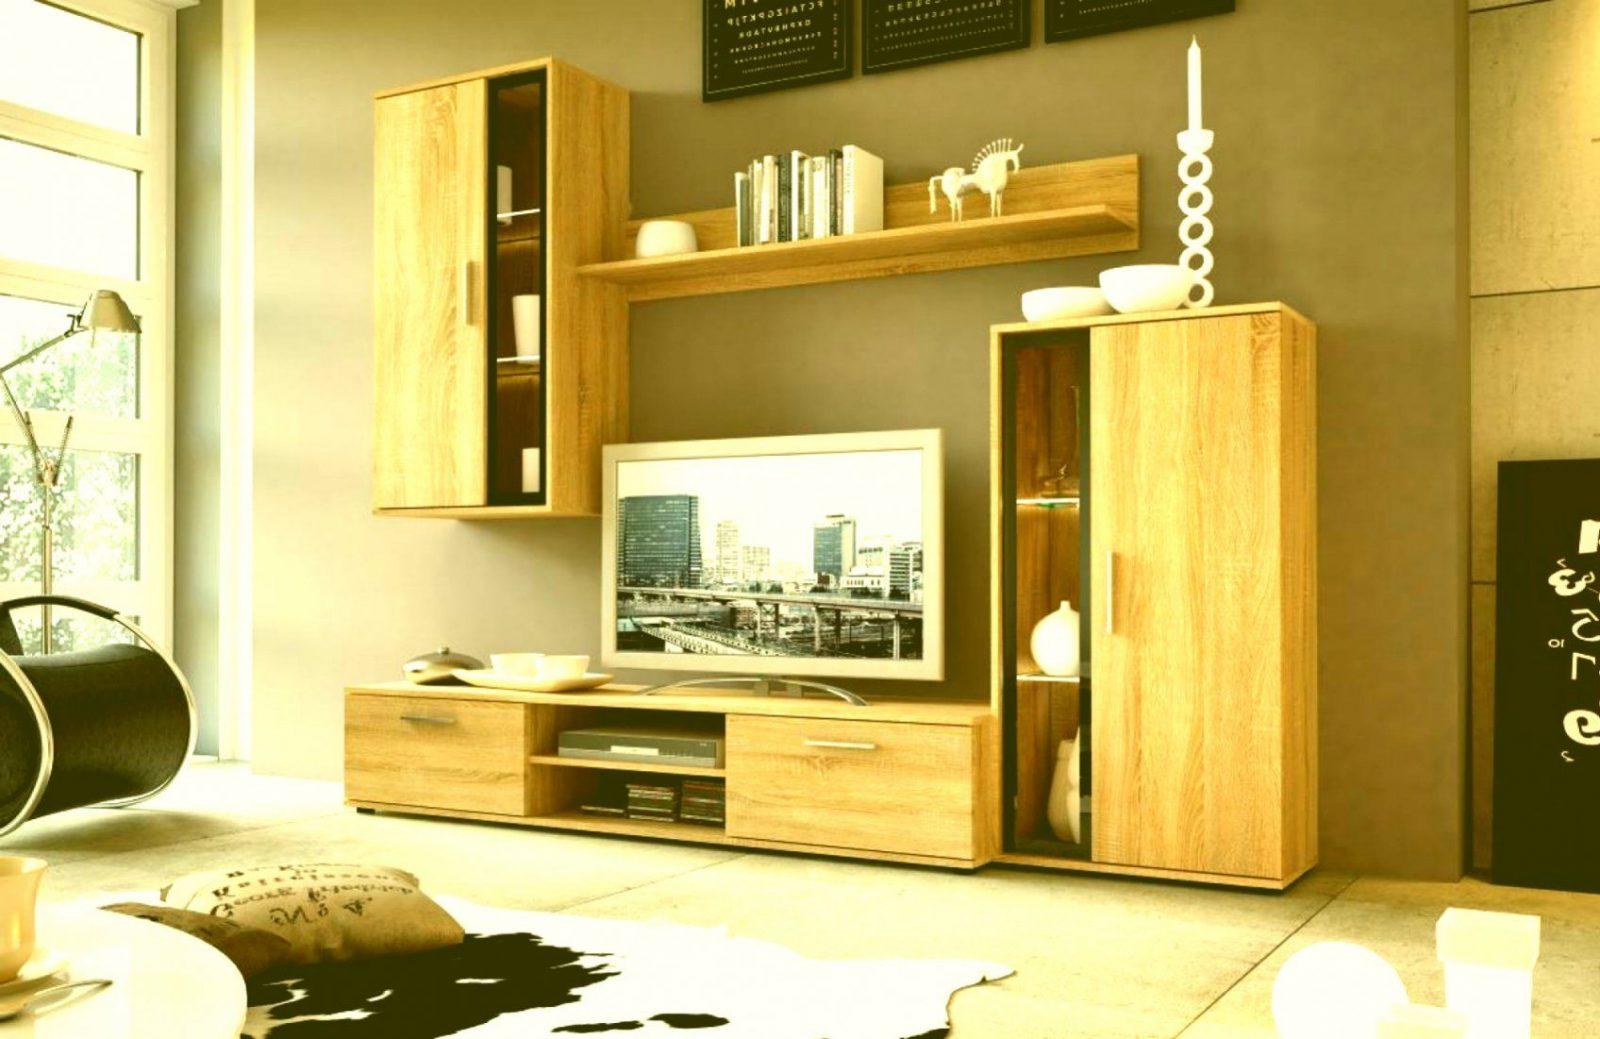 Wohnwand Günstig Auf Raten Kaufen Wohnwand Gunstig Online Kaufen von Wohnwand Auf Raten Kaufen Photo